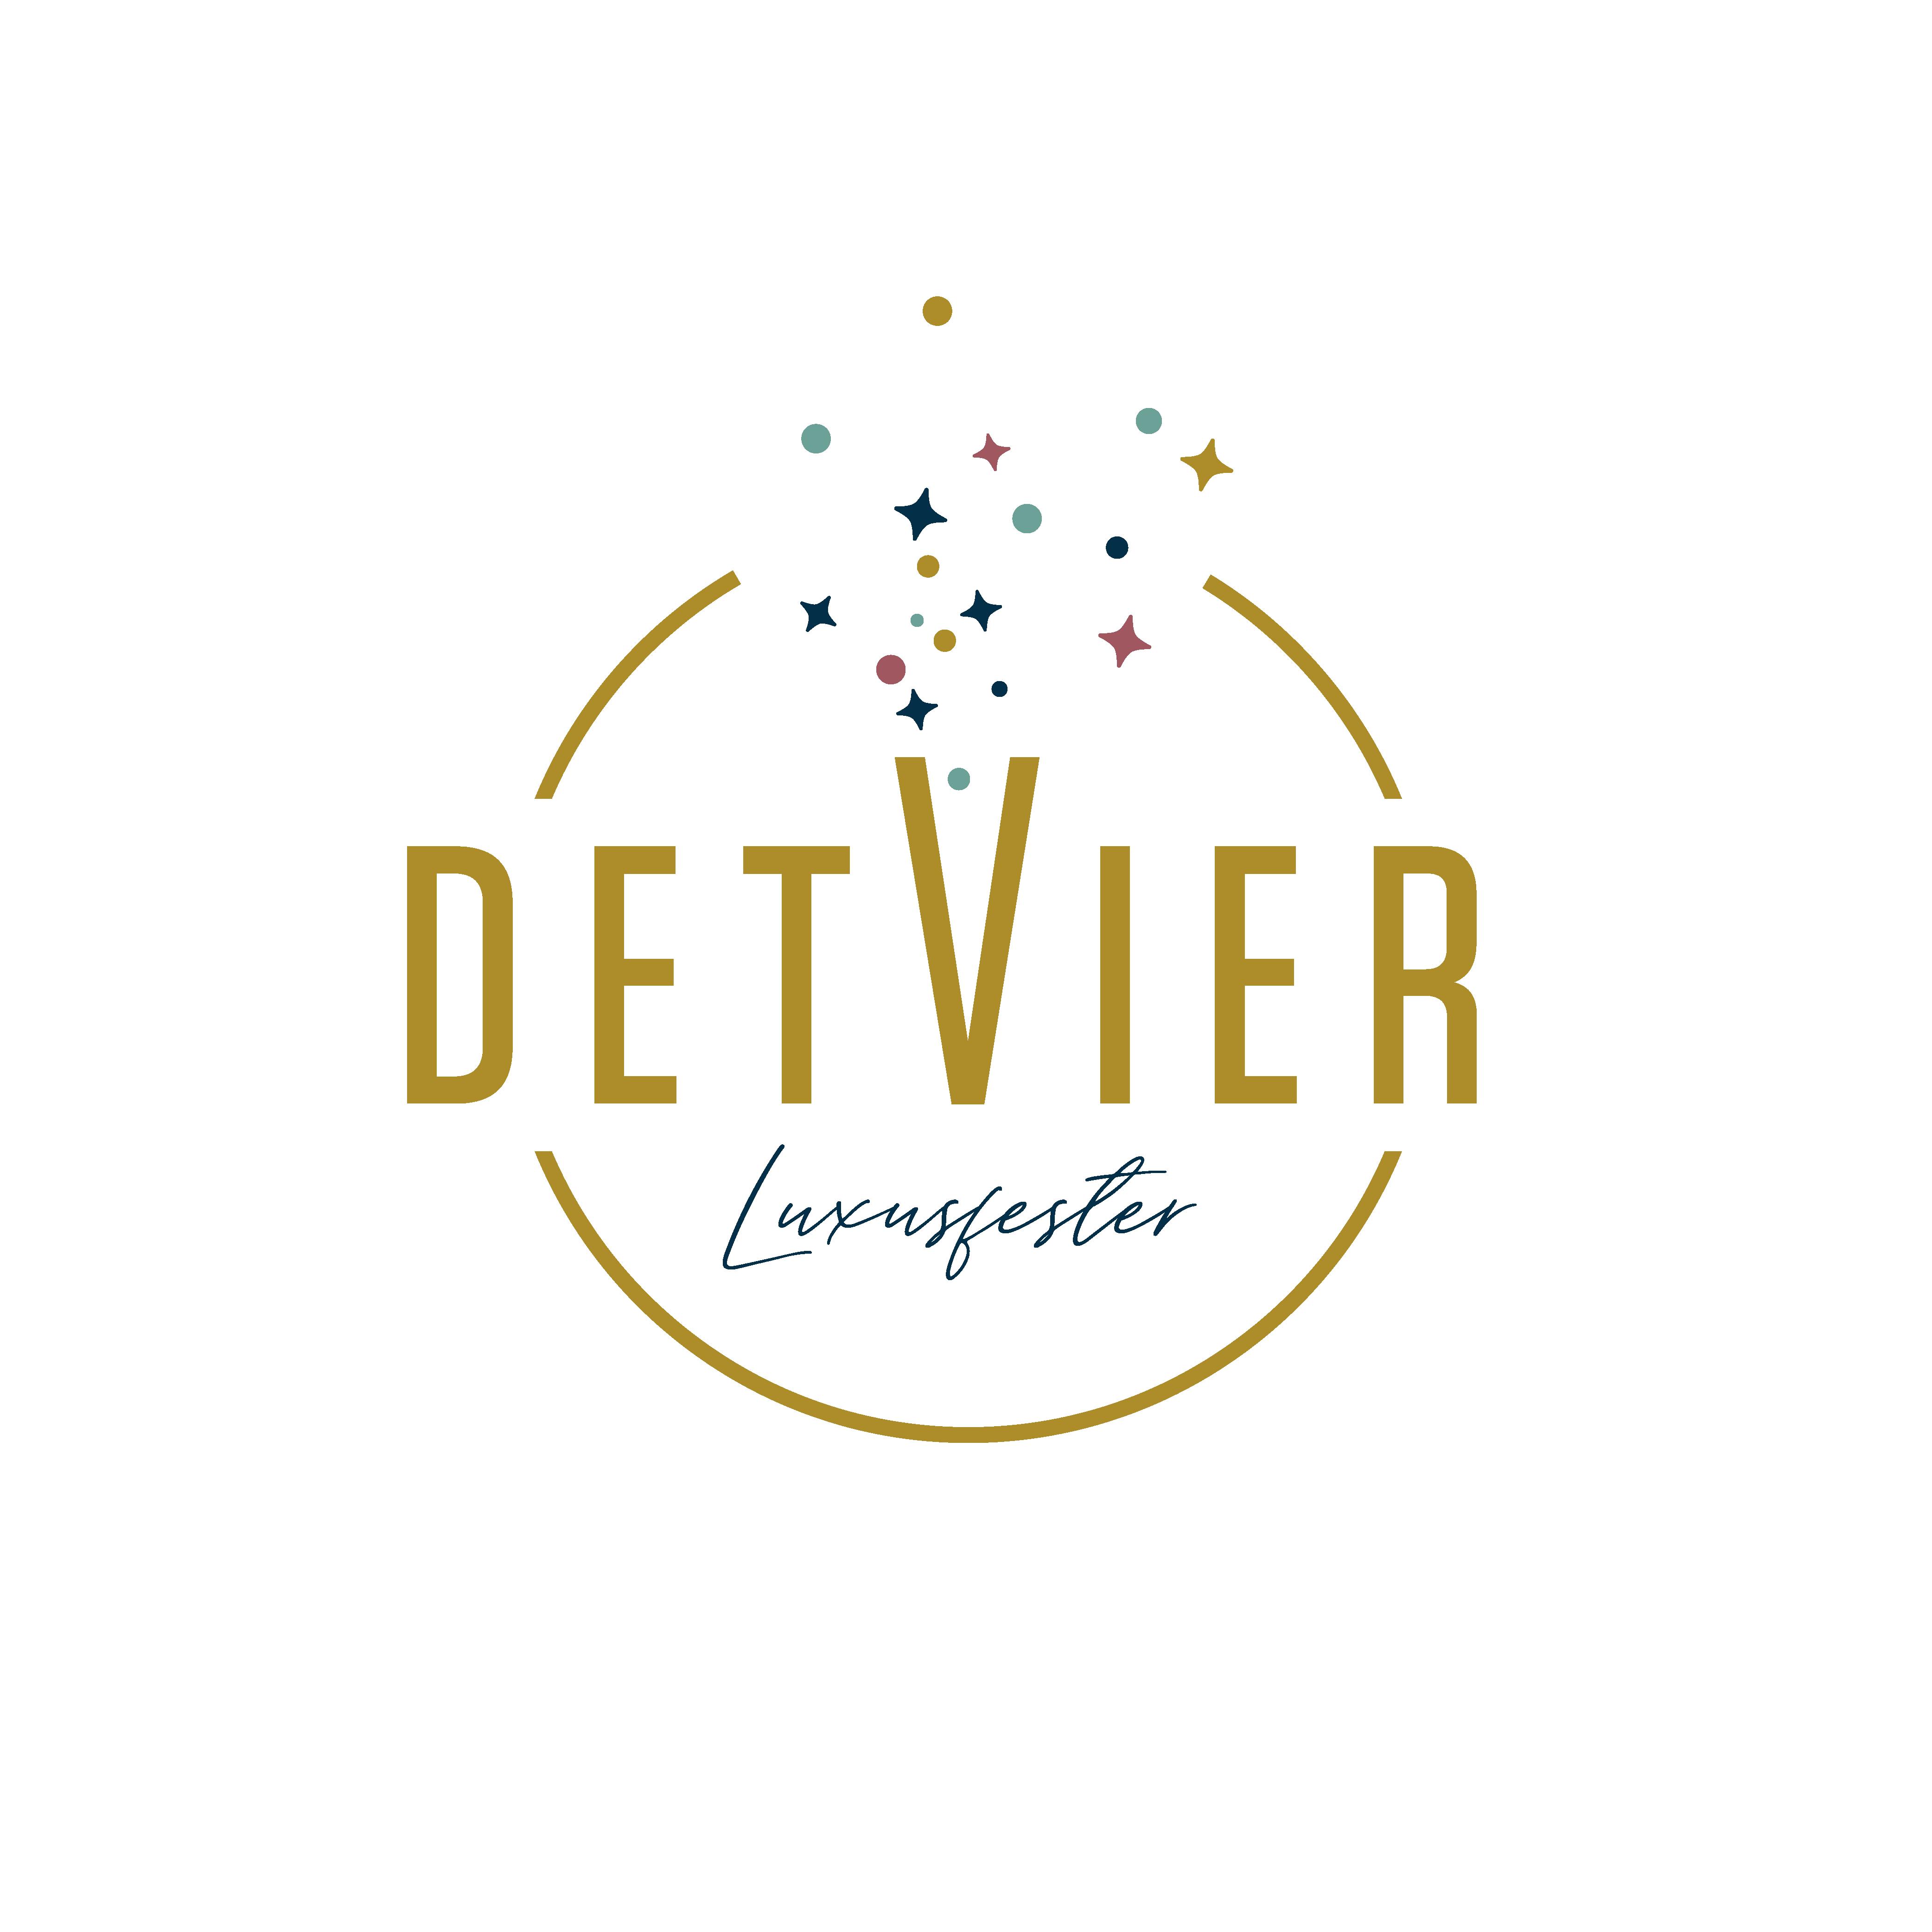 DETVIER